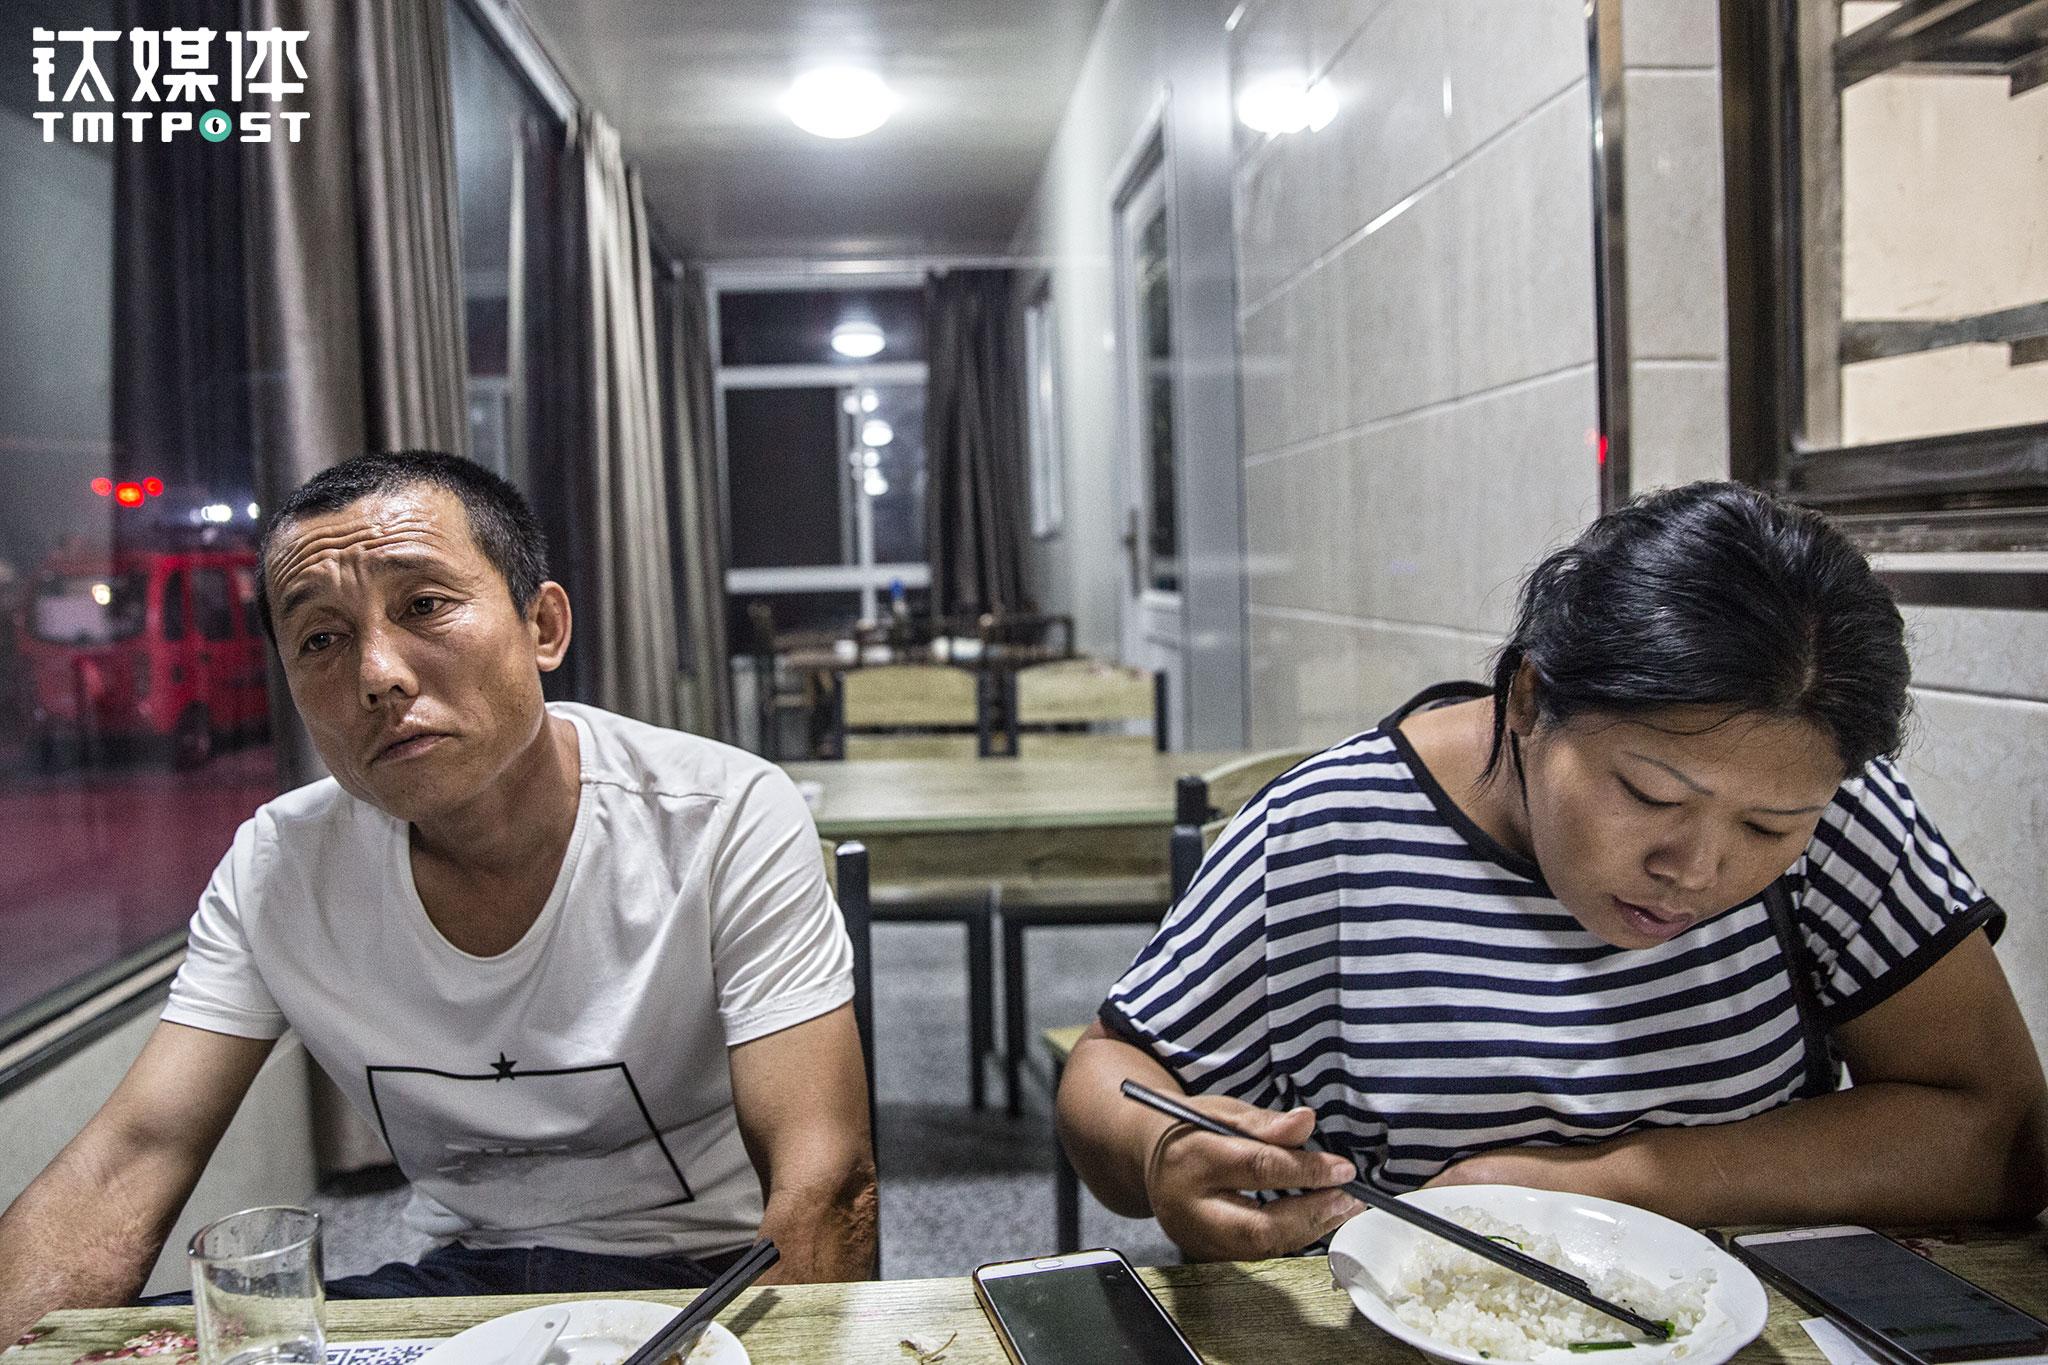 """当晚11点,他们在江苏东台临海公路一家饭店吃晚饭休息。常年在外奔波,让38岁的金强显得有些苍老。他庆幸的是前几年行情好的时候把车贷还完了,""""如果现在贷款买车,一个月还一两万贷款,那日子没法过了"""",金强说,运费连年下跌,""""跌了至少三四成""""。2016年""""921最严限载令""""出台后,运费稍涨了2个月,之后又不断下跌。金强明白,限载是为了减少事故保障安全,但拉得比以前少运费还跌,这让他有点""""不知道怎么办了""""。"""